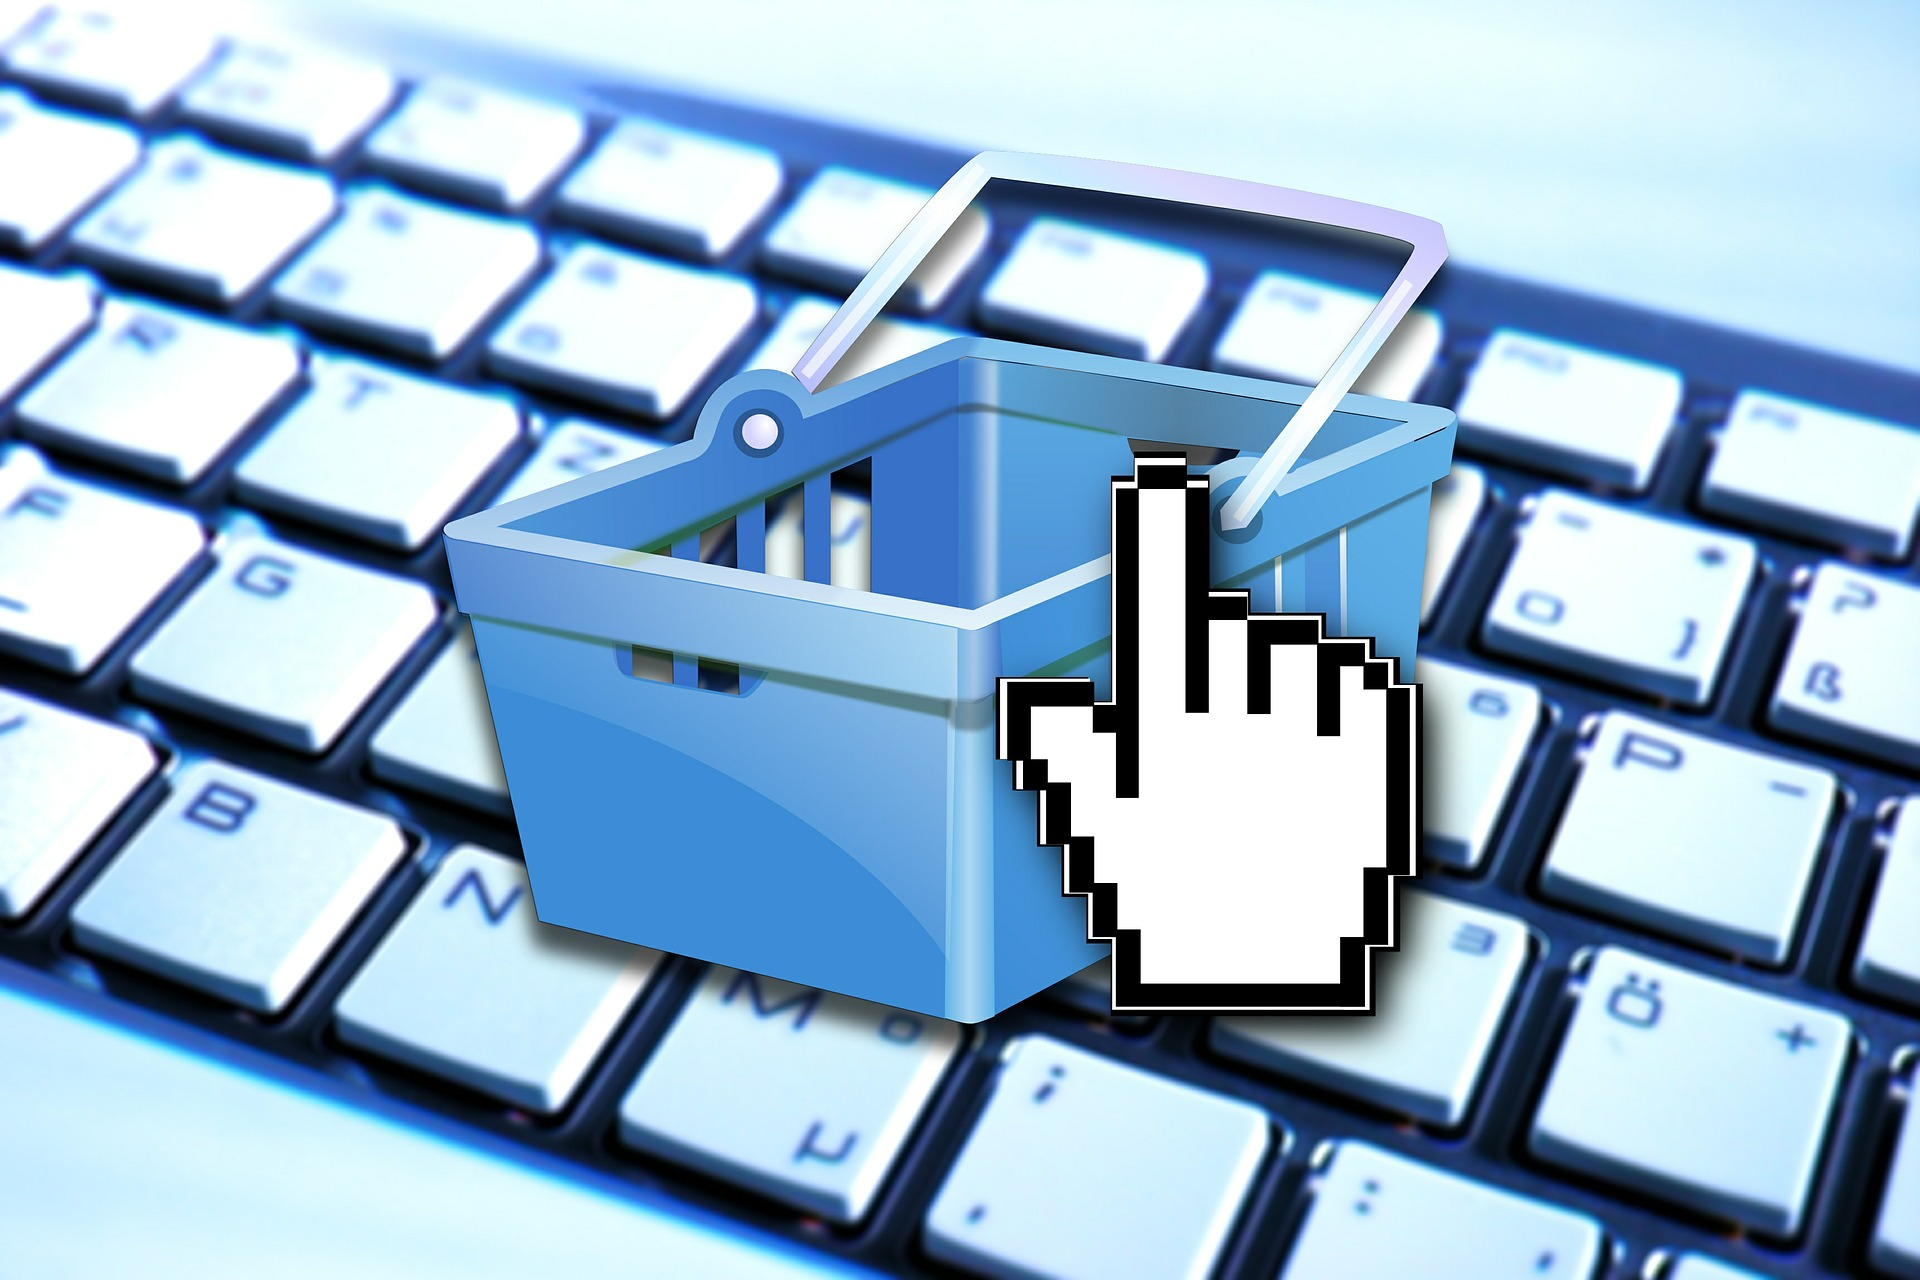 https://pixabay.com/de/e-commerce-einkaufskorb-einkaufen-402822/